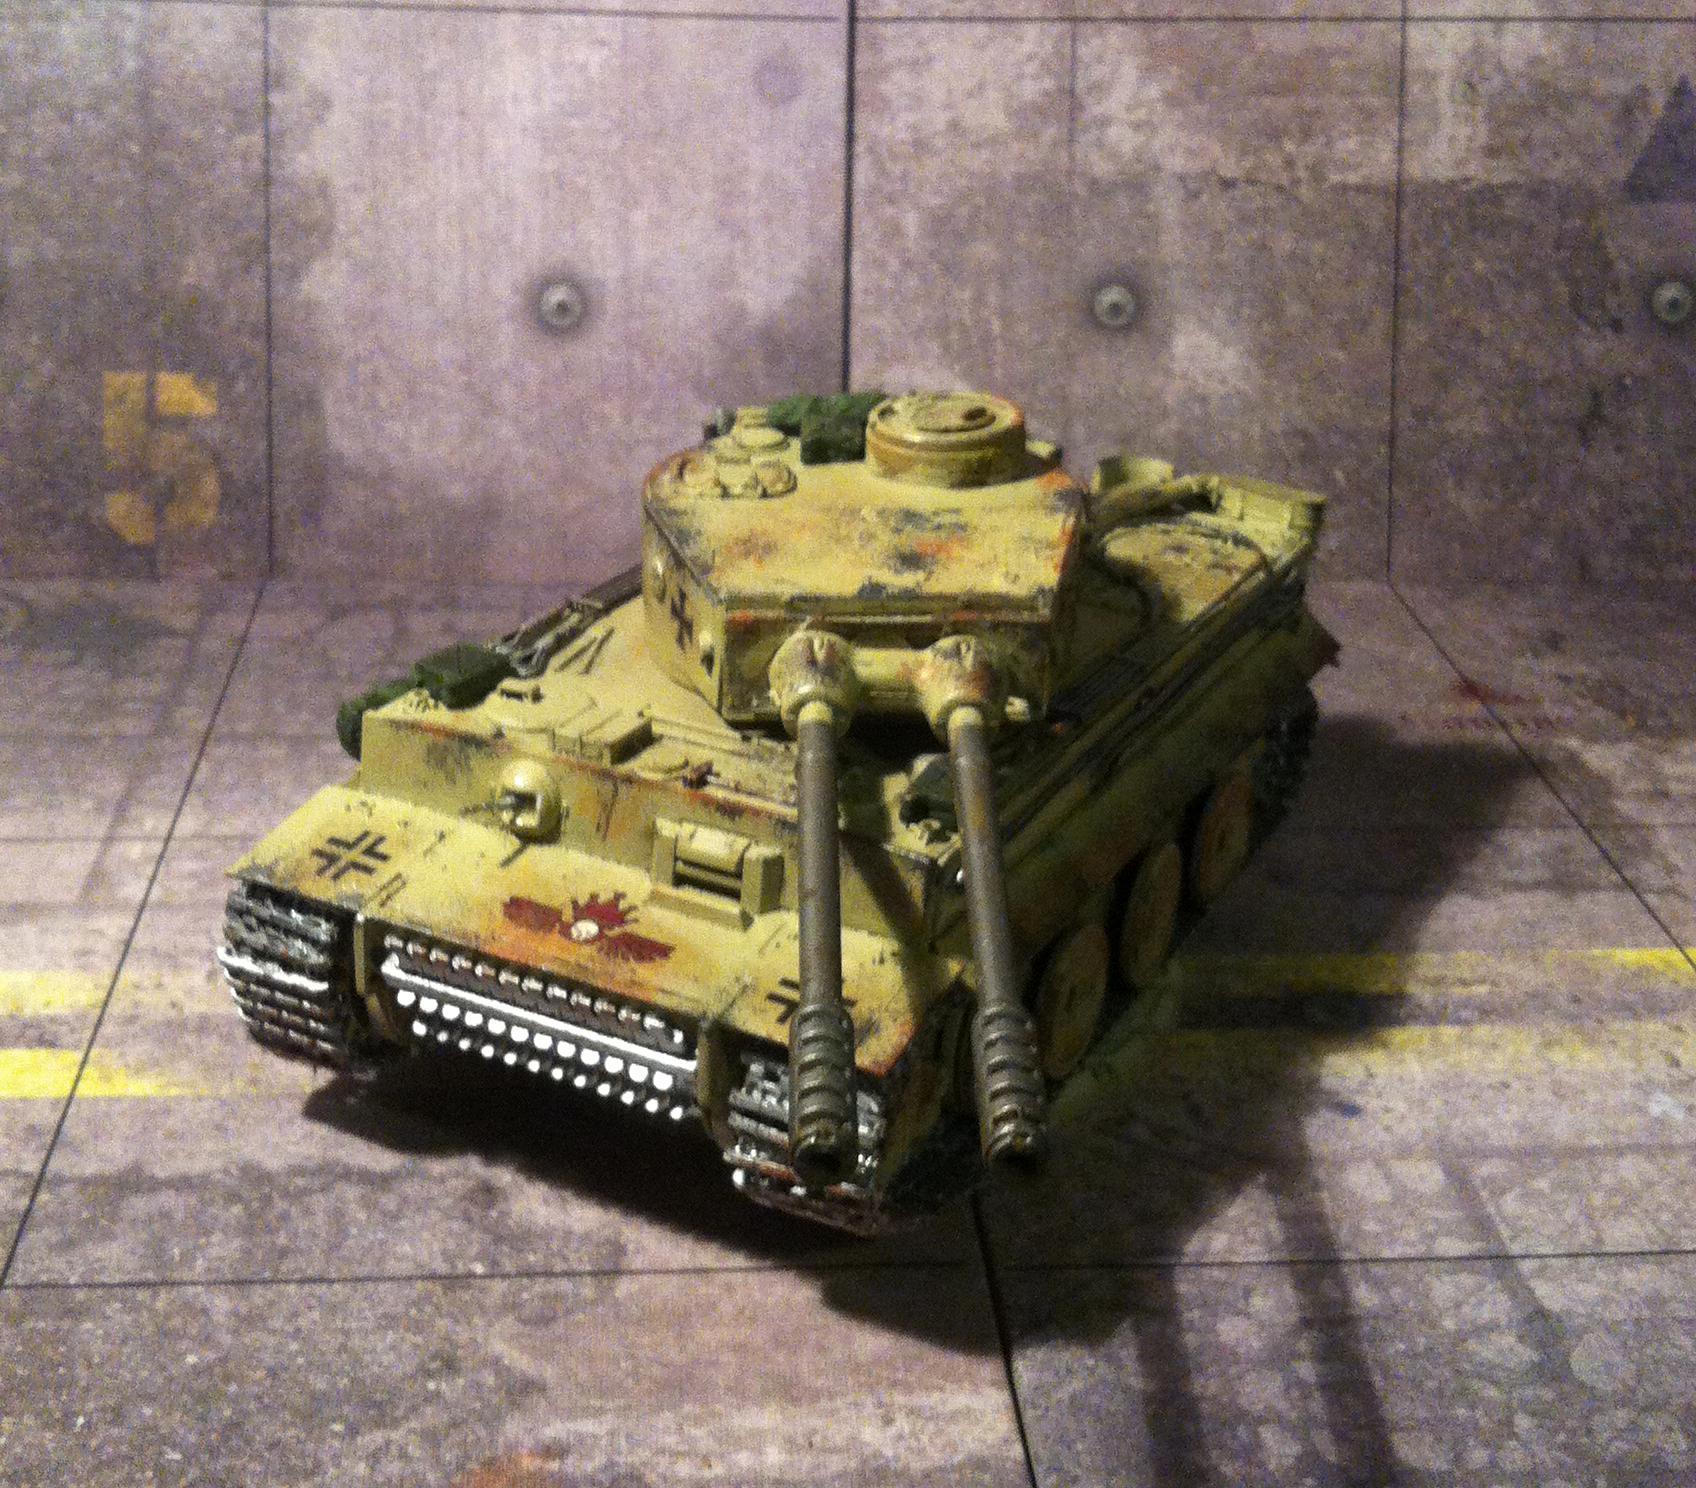 Axis, Bergeluther, Dust, Dust Tactics, Dust Warfare, Flakmeister, Jagdwotan, Mech, Nordwind, Tiger Vk, Walker, World War 2